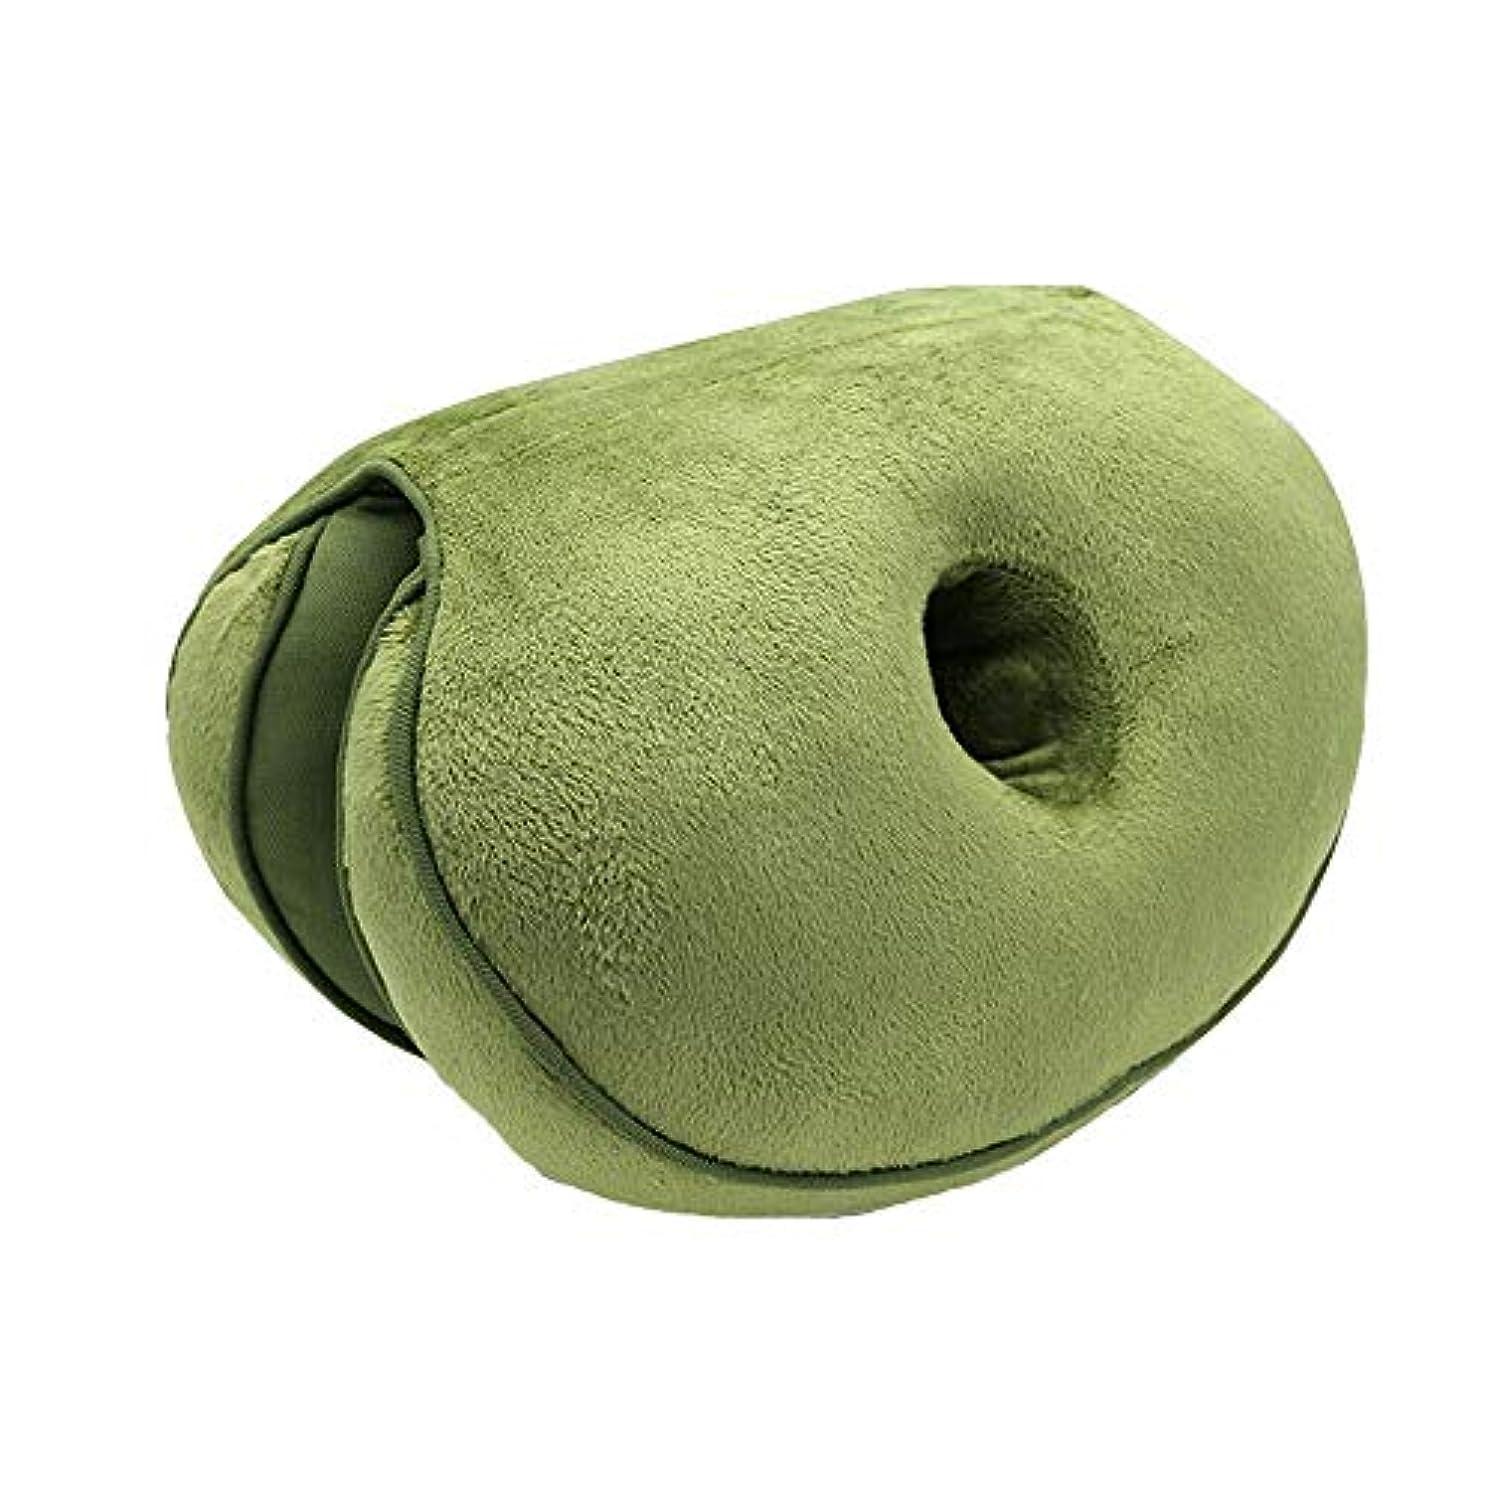 疲れた同時オープナーLIFE 新デュアルシートクッション低反発ラテックスオフィスチェアバックシートクッション快適な臀部マットパッド枕旅行枕女性女の子 クッション 椅子